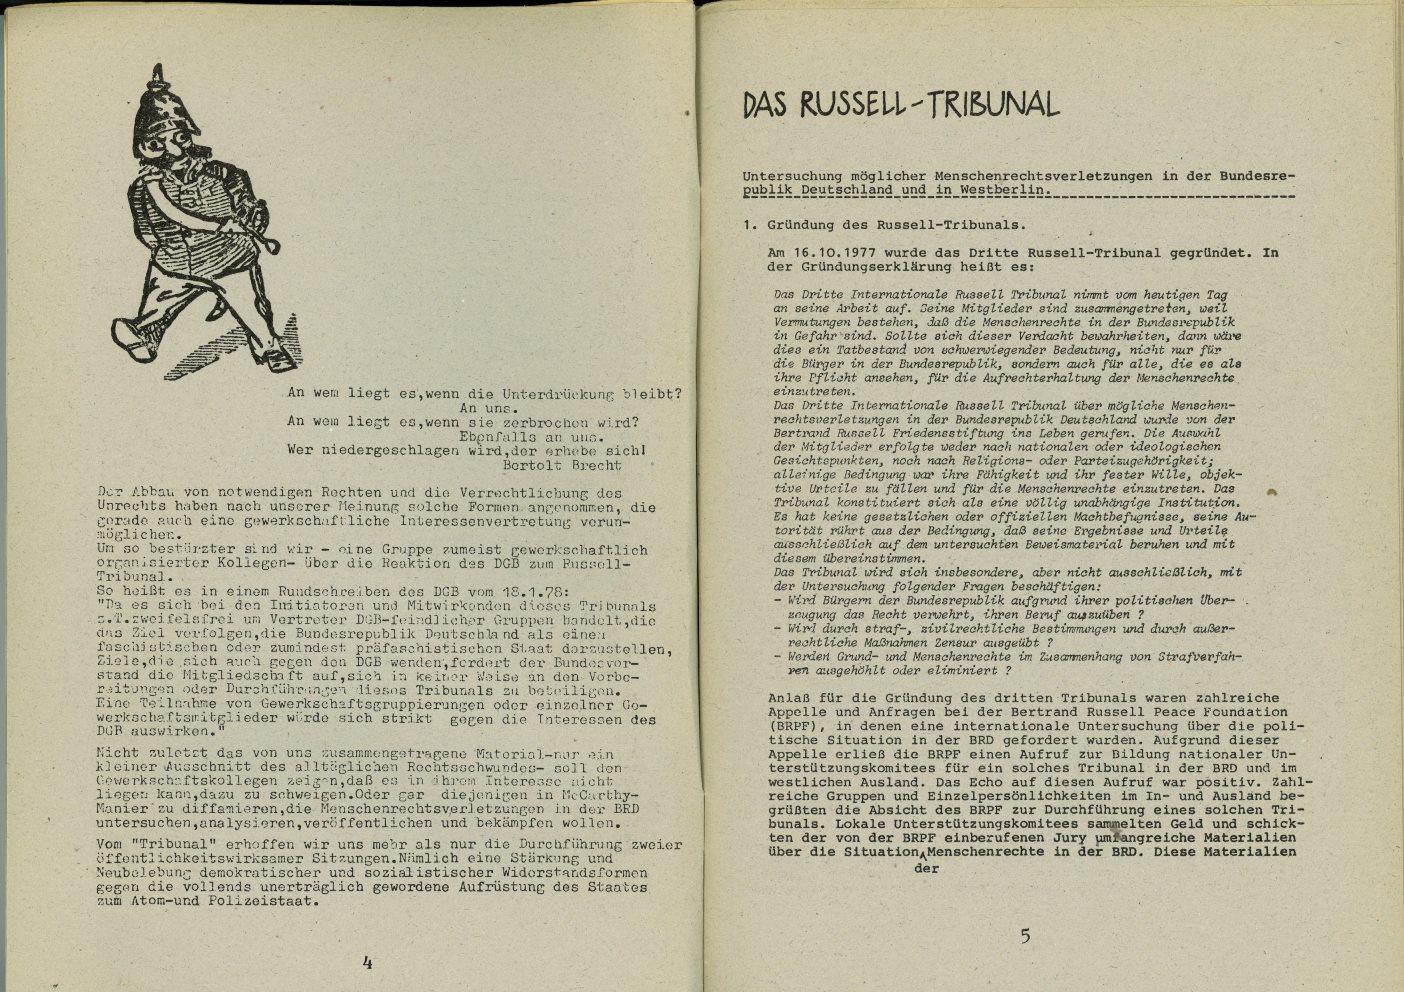 Stuttgart_AGRT_Menschenrechtsverletzungen_Leseheft_1978_04